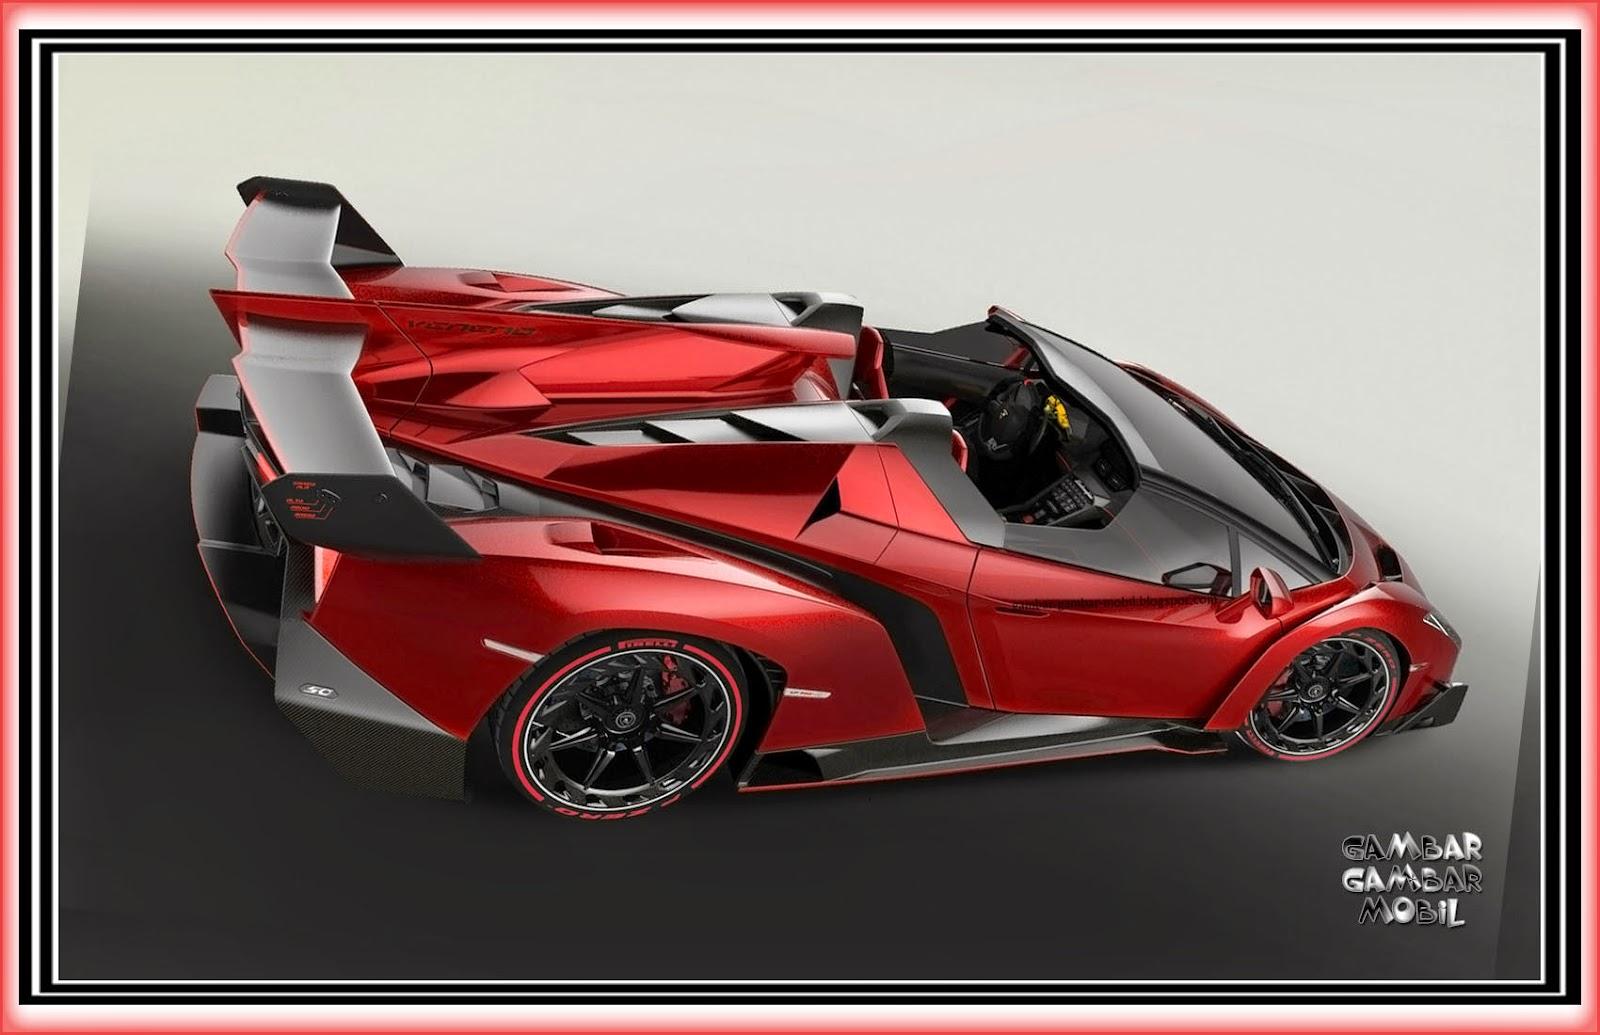 50 Gambar Mobil Lamborghini Aventador Terkeren: Gambar Mobil Lamborghini